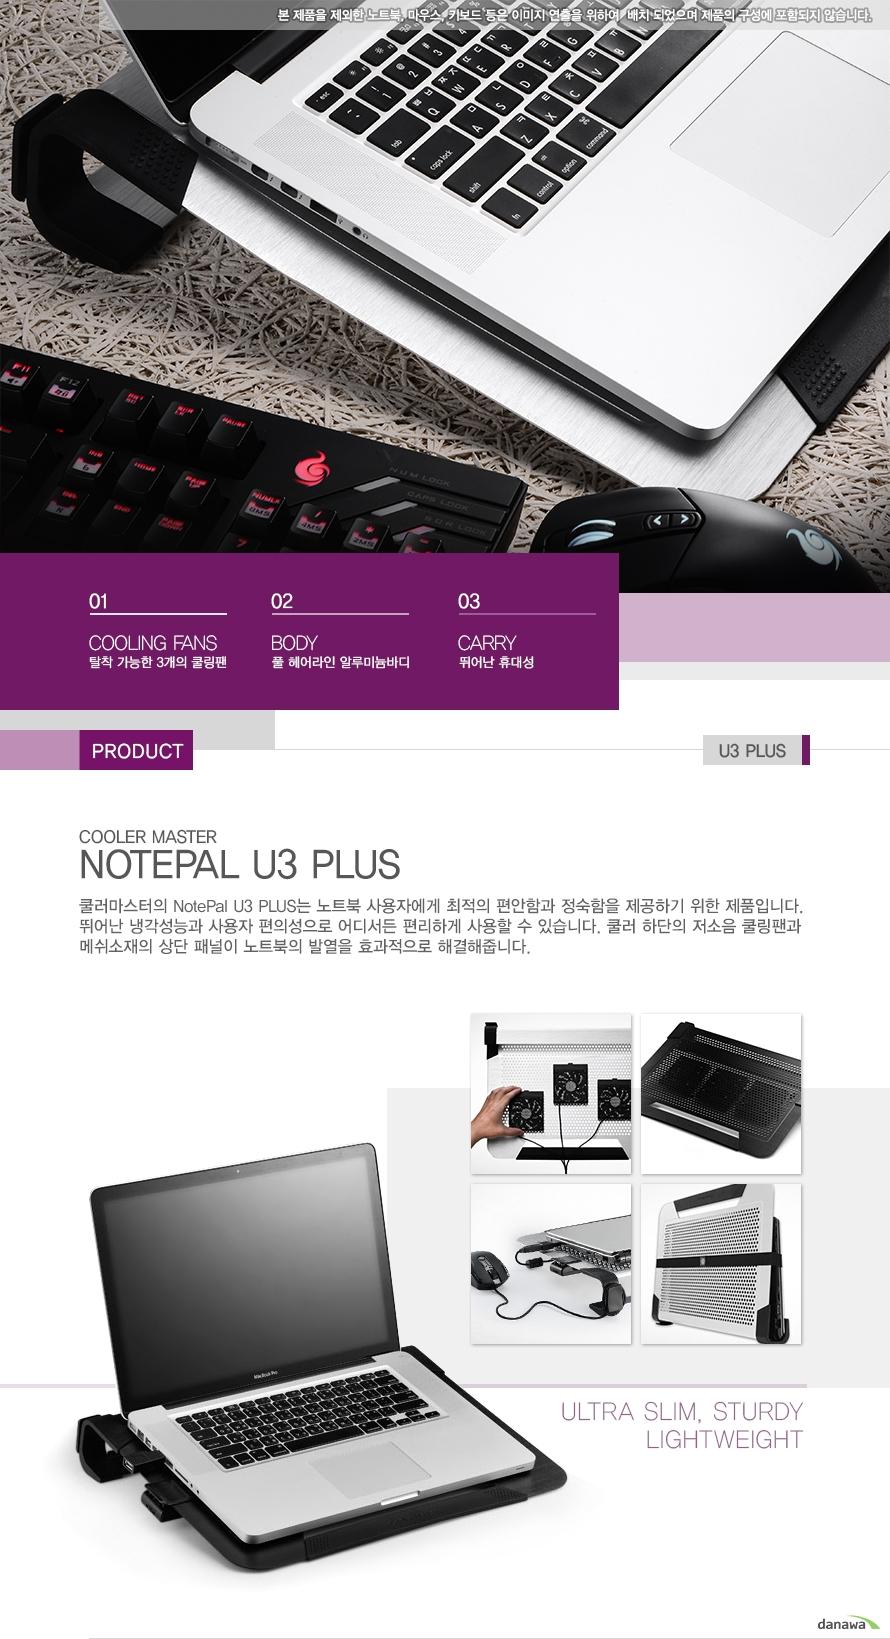 01 탈착 가능한 3개의 쿨링팬/02 풀헤어라인 알루미늄바디/03 뛰어난 휴대성 / Product U3 PLUS Cooler Master NOTEPAL U3 PLUS 쿨러마스터의 NotePal U3 PLUS는 노트북 사용자에게 최적의 편안함과 정숙함을 제공하기 위한 제품입니다. 뛰어난 냉각성능과 사용자 편의성으로 어디서든 편리하게 사용할 수 있습니다. 쿨러 하단의 저소음 쿨링팬과 메쉬소재의 상단 패널이 노트북의 발열을 효과적으로 해결해줍니다.